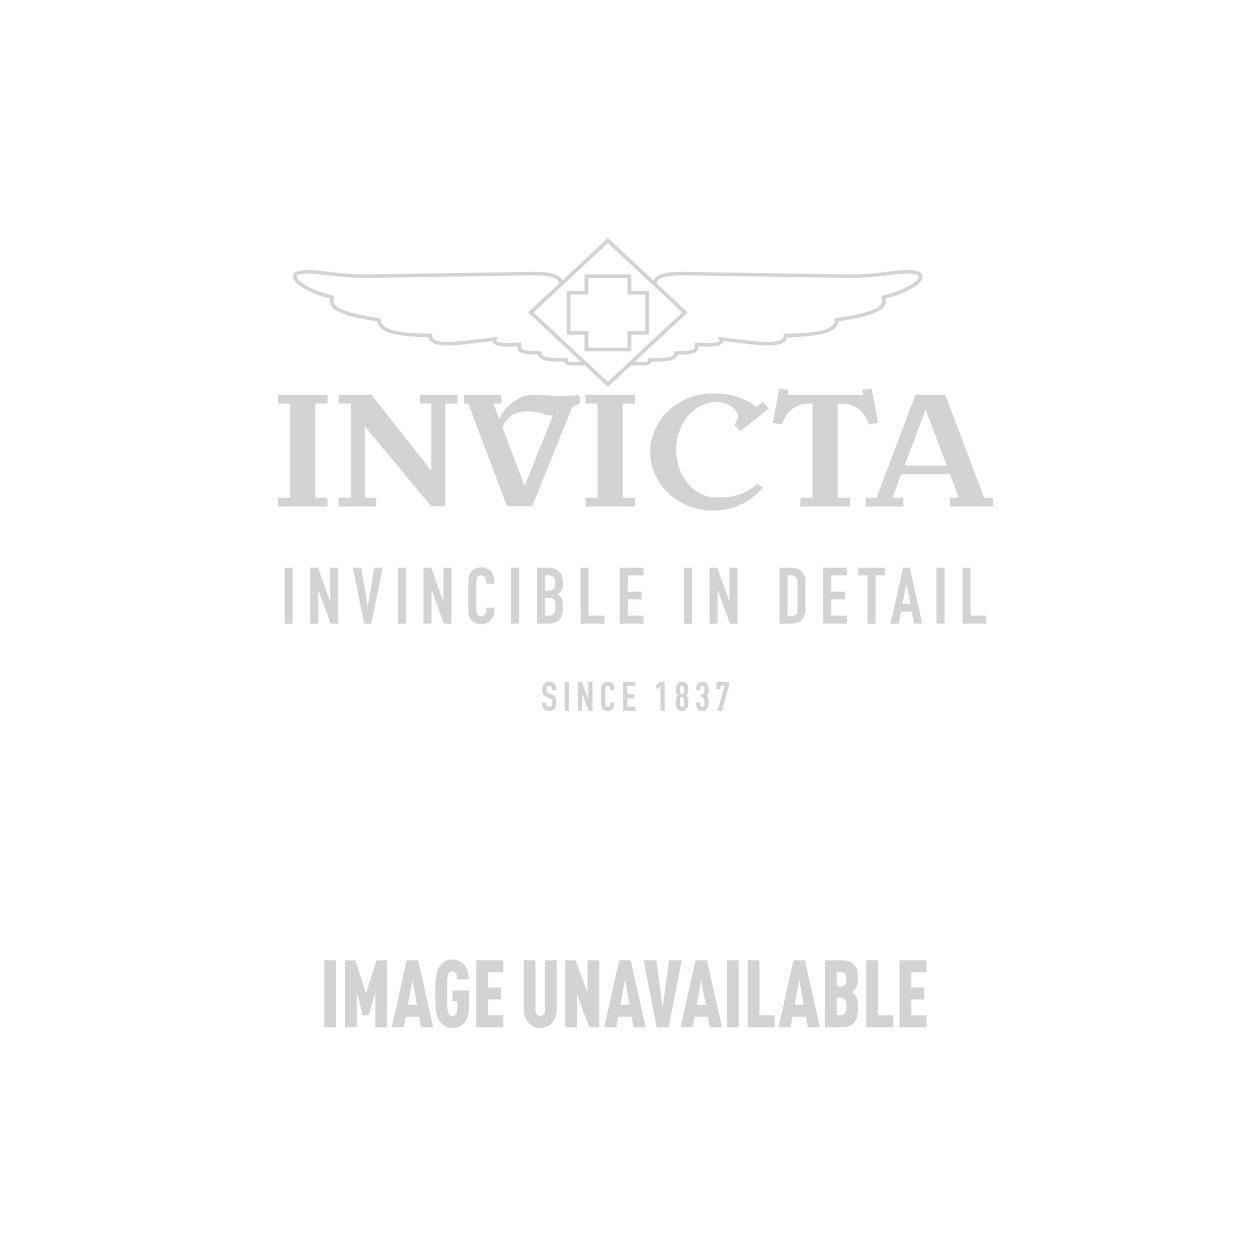 Invicta Pro Diver Mens Automatic 47 mm Black Case Black Dial - Model 27311